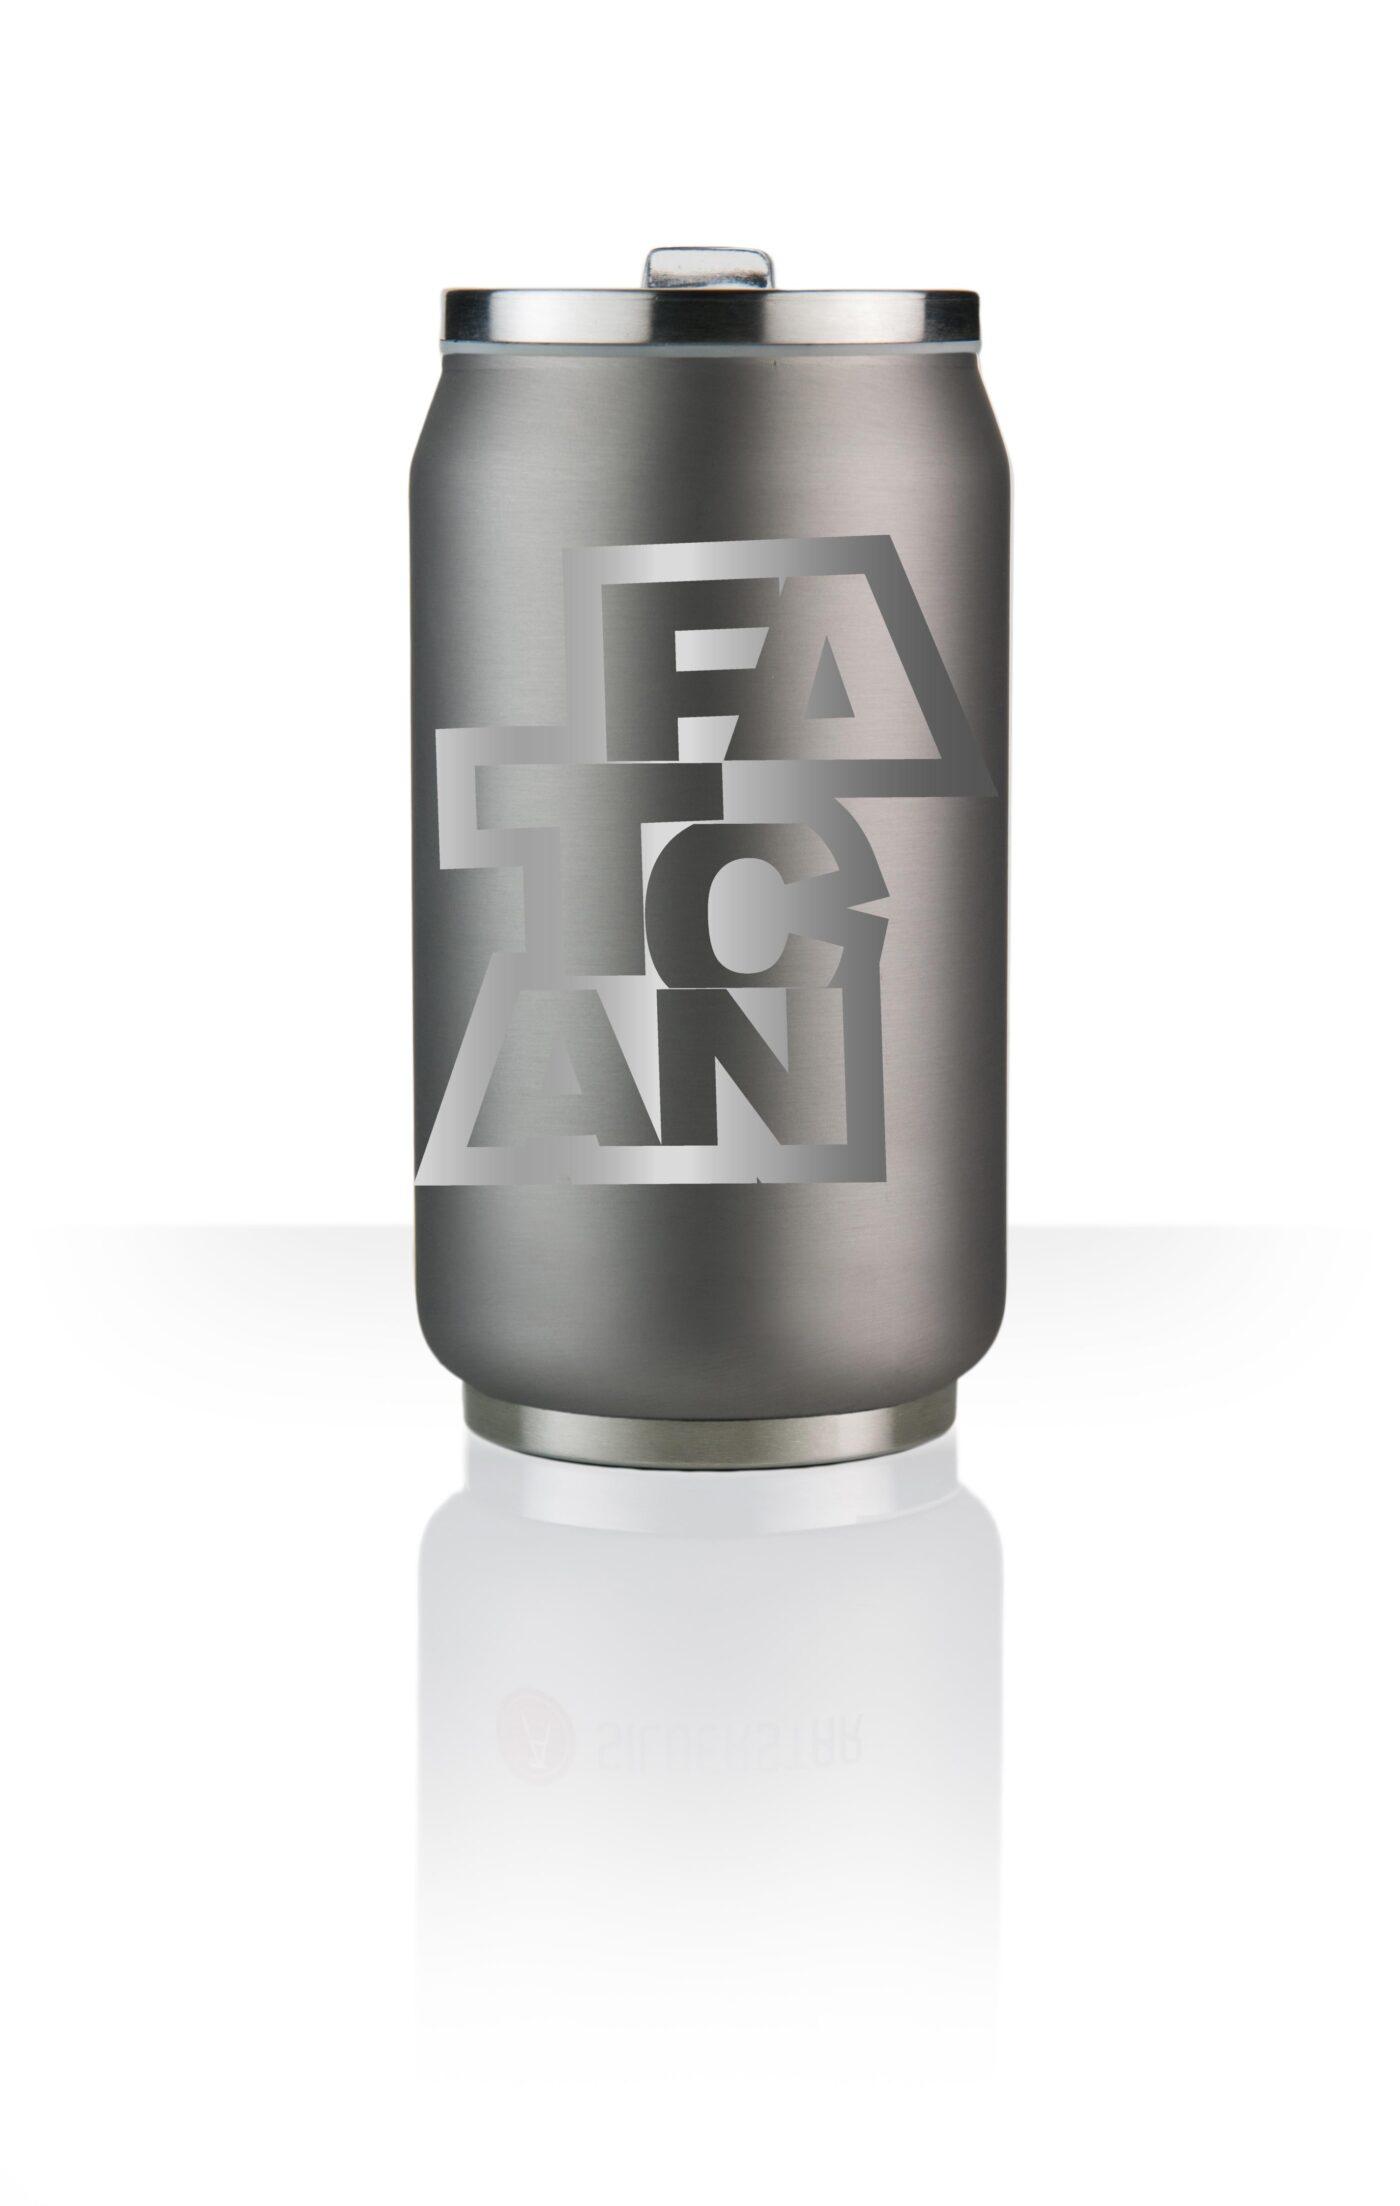 FATCAN_silverstar_matt_025